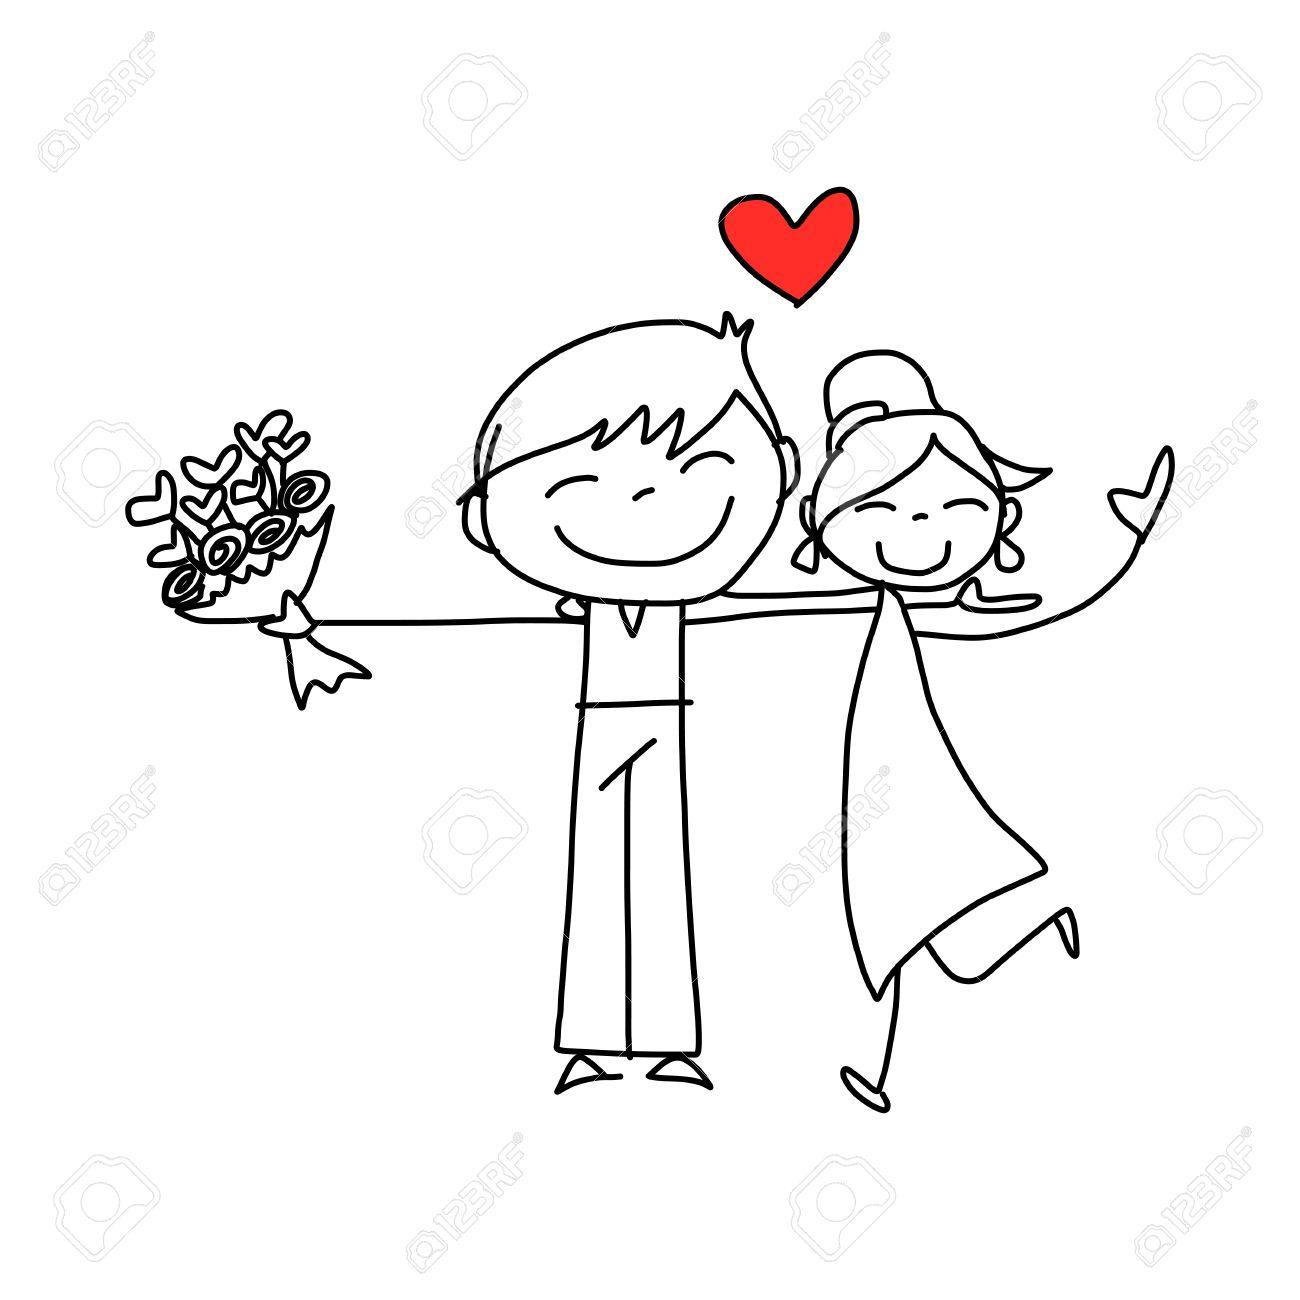 Banque dimages , dessin à la main de dessin animé amoureux heureux mariage